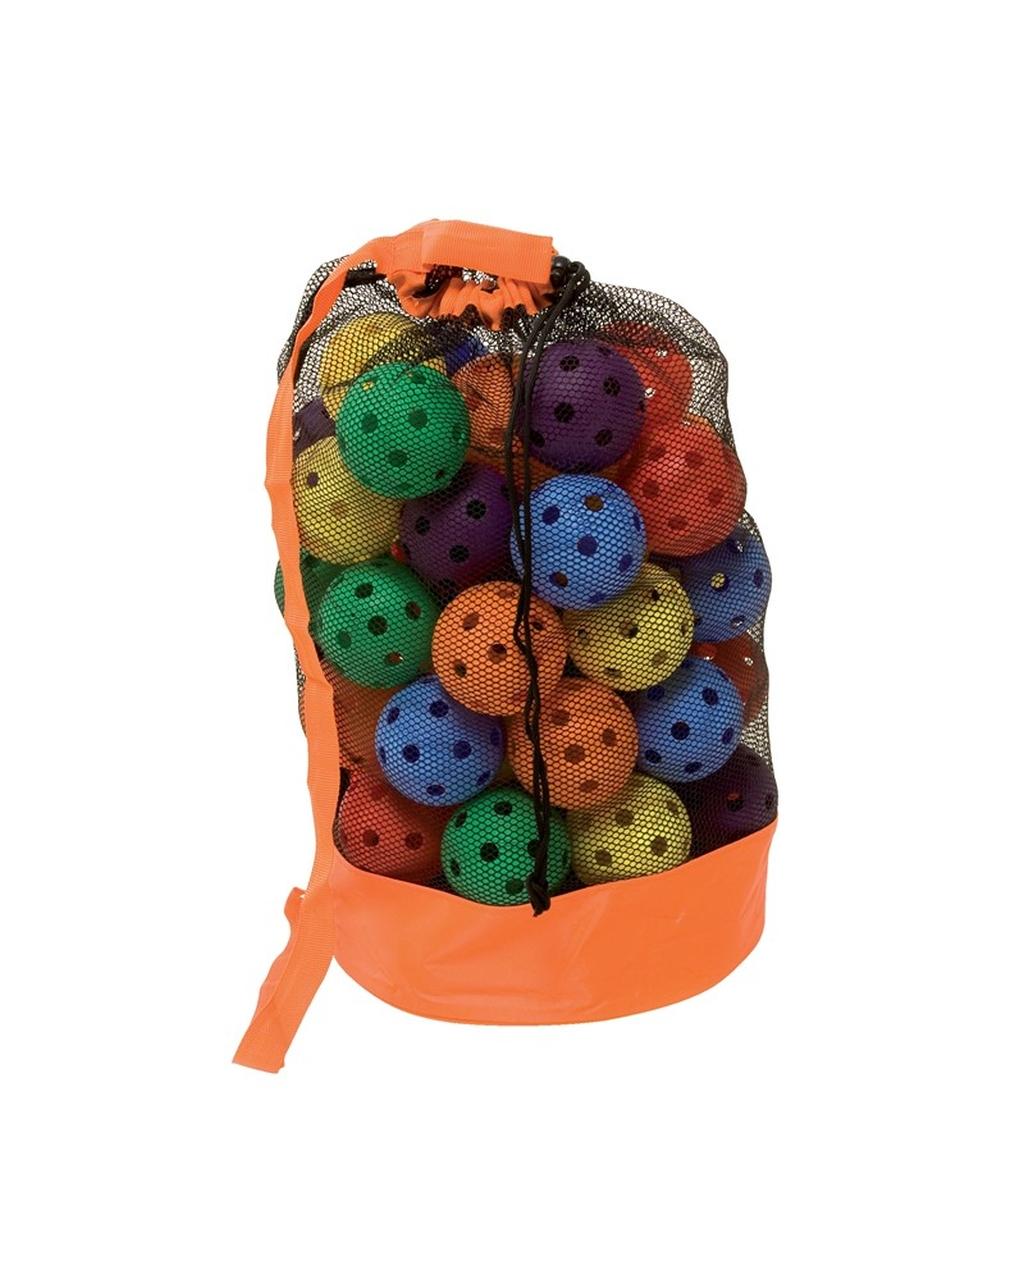 Zoft Balls